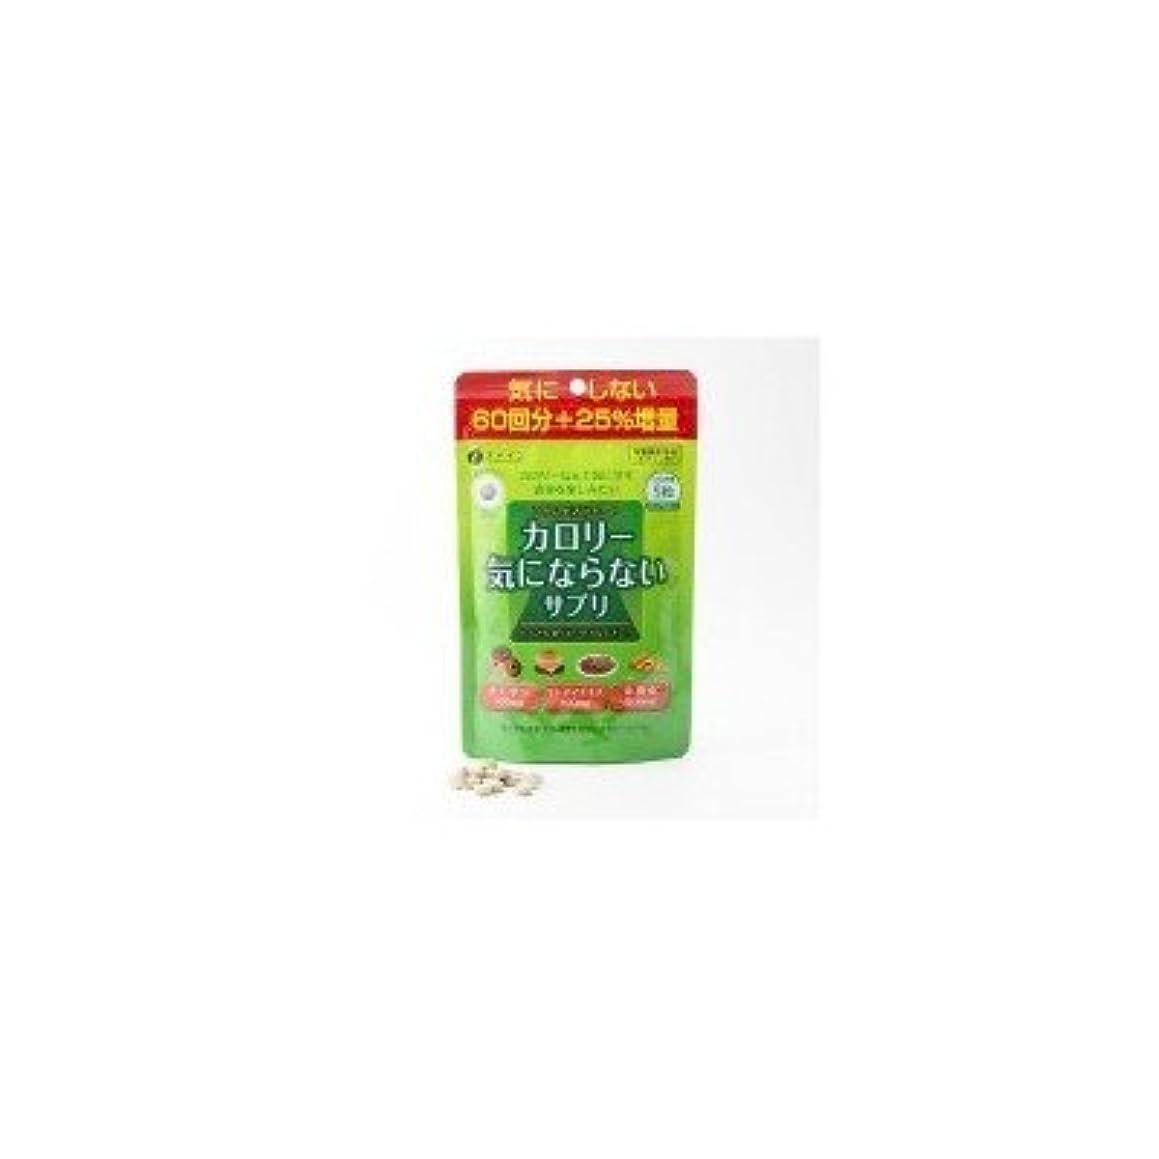 葉巻エスカレート荒野ファイン カロリー気にならない 大容量 栄養機能食品(ビタミンB1) 75g(200mg×375粒)